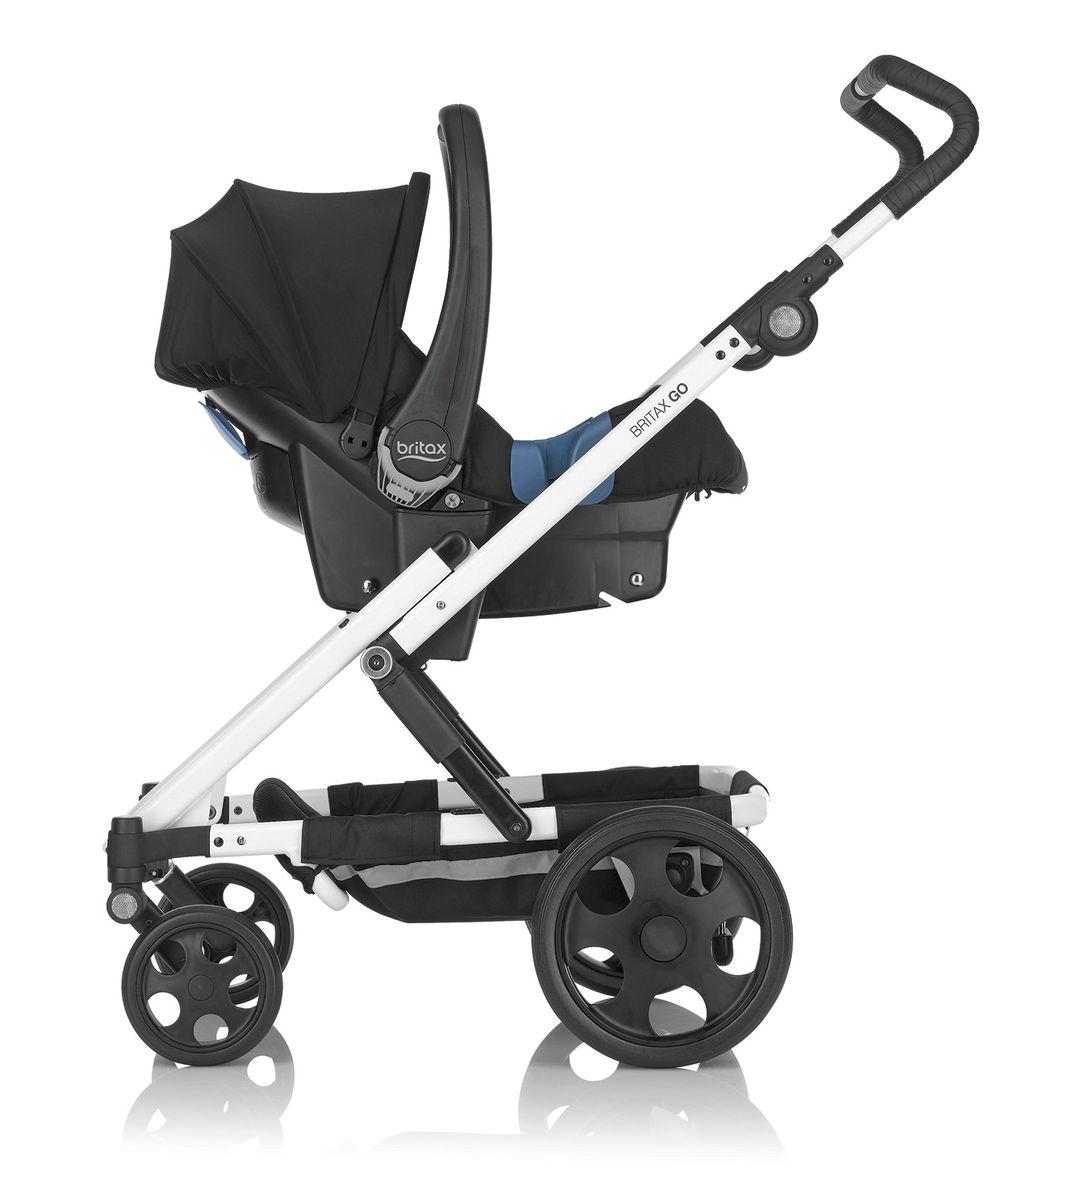 Baby Safe Plus kaukalo kiinnitettynä adaptereihin Britax Go rungossa - Adapterit turvakaukaloille - 4000984109672 - 9